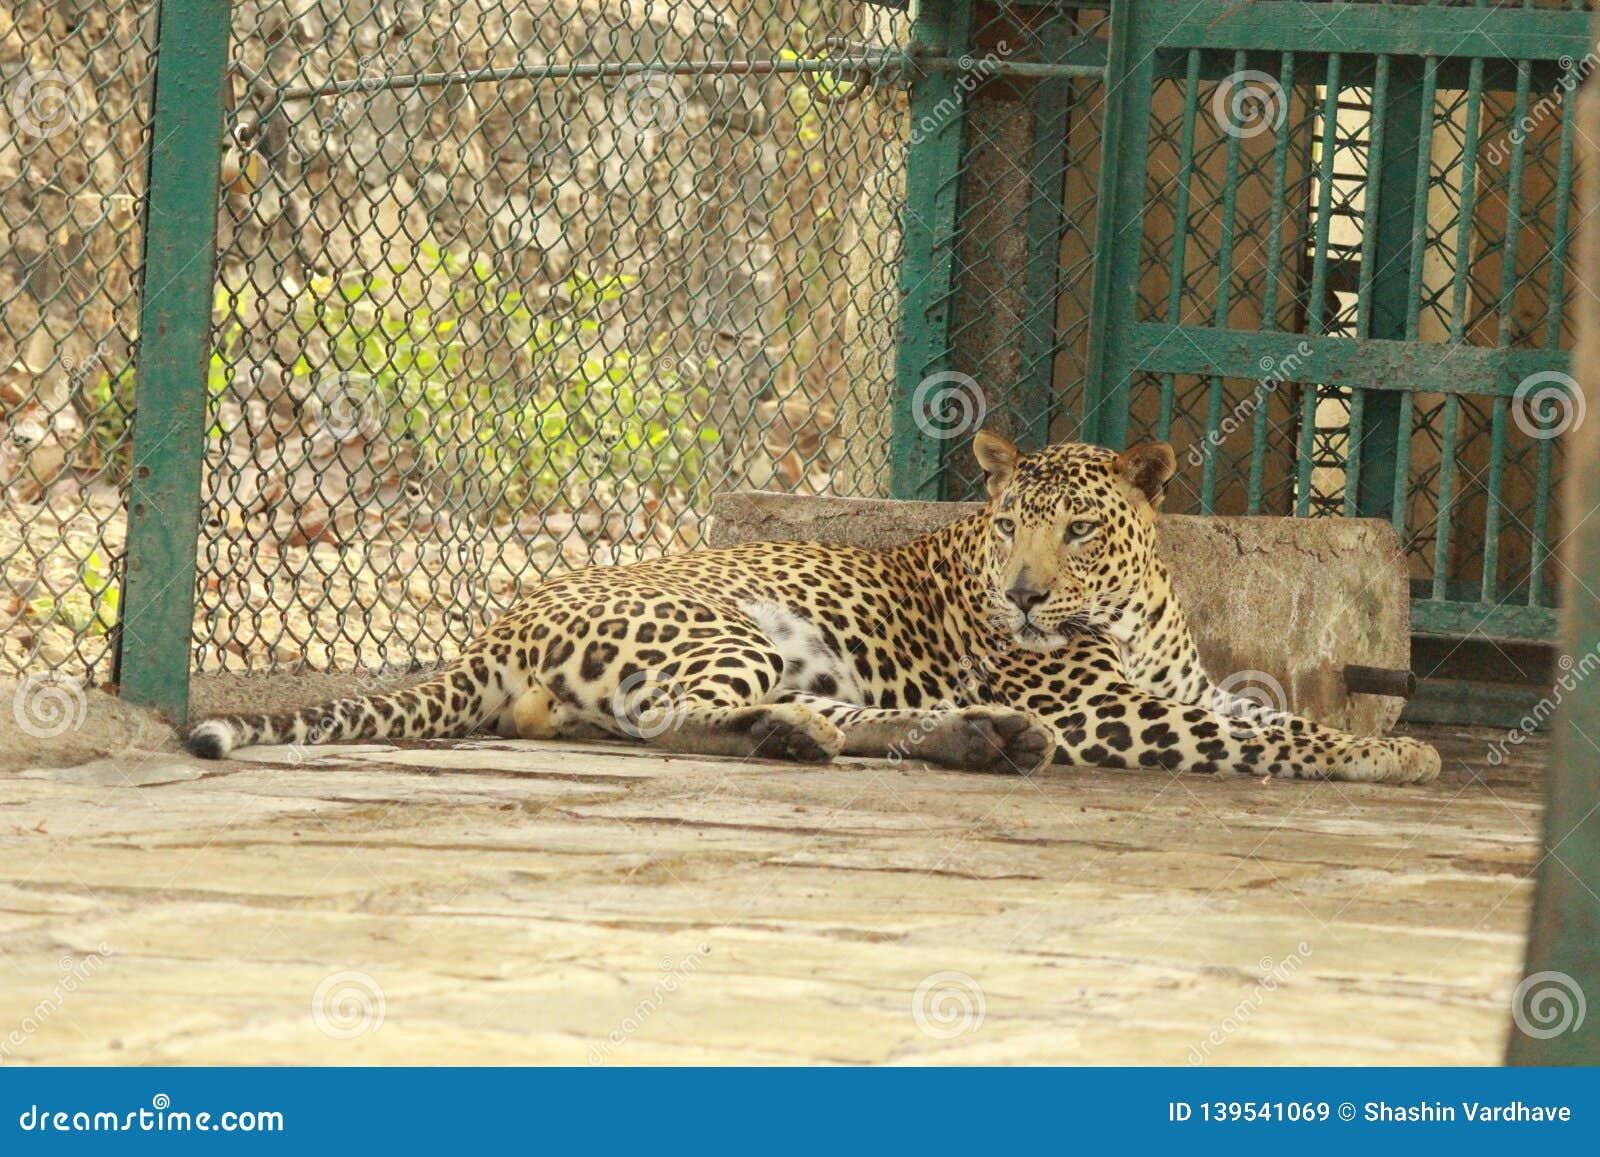 Leopard - Big Cat in SNGP, Mumbai